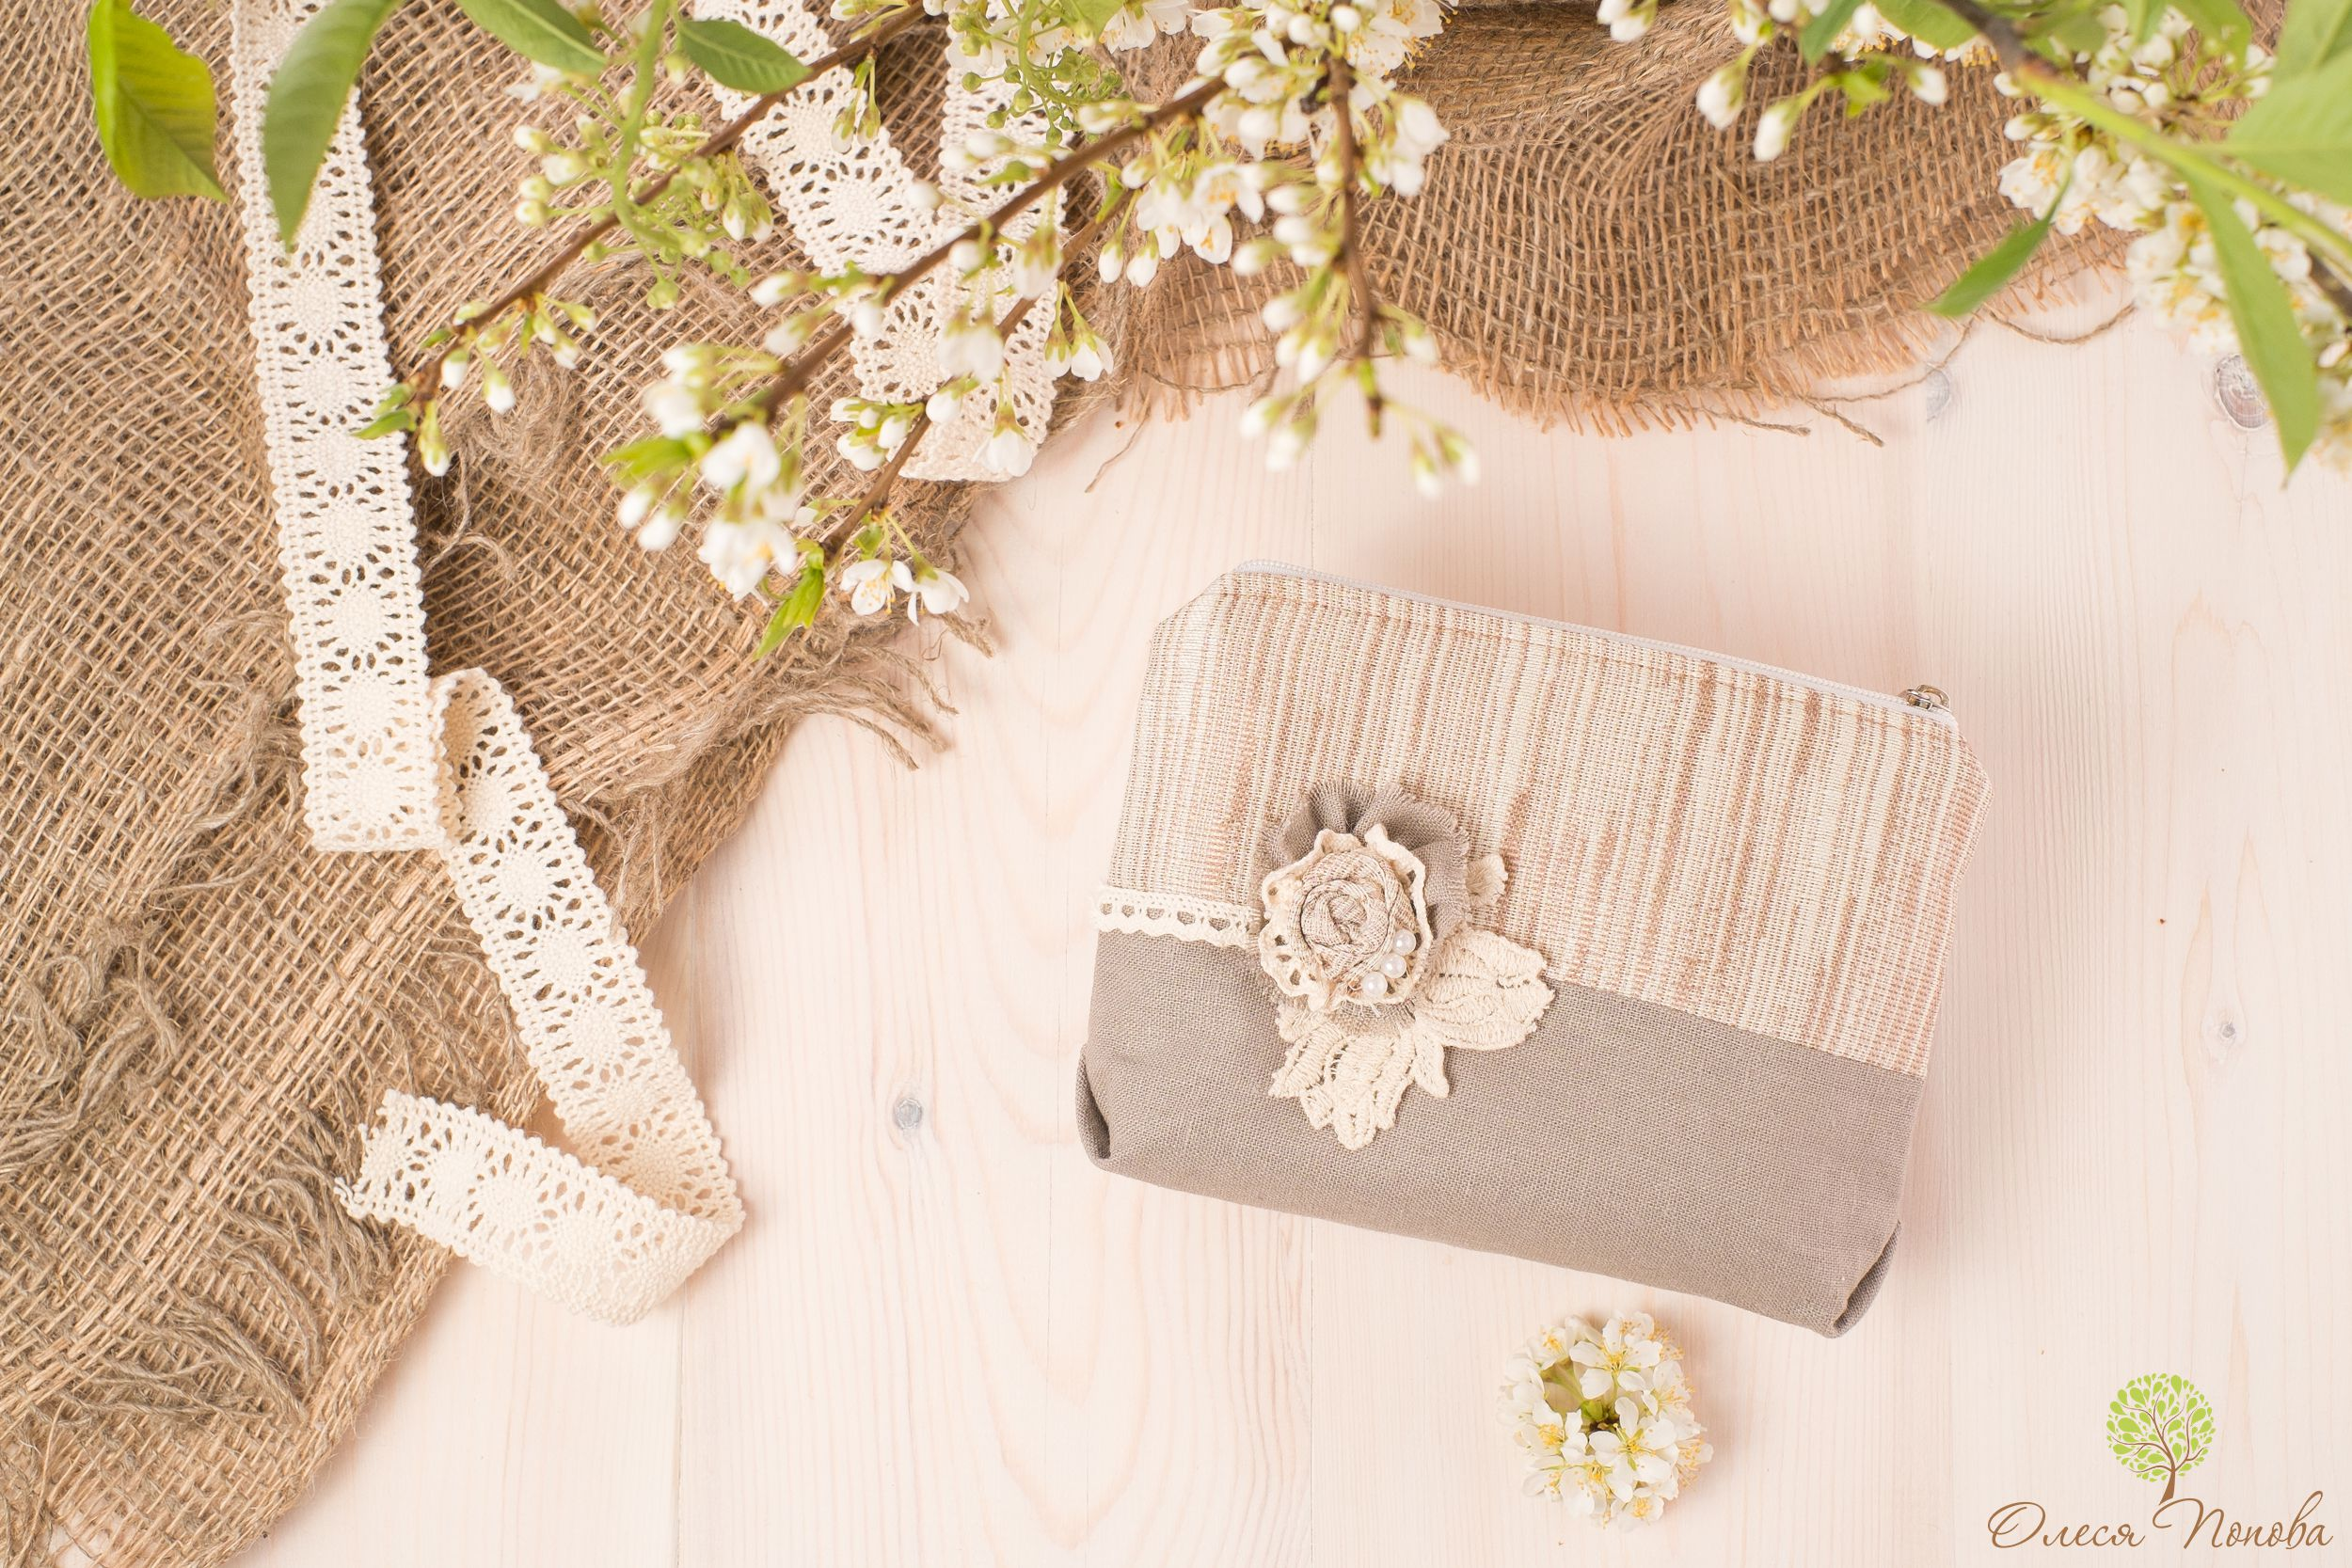 подарокдевушке косметичка craftop абакан abakan hendmade сдушой впродаже вналичии ручнаяработа бохо подарок красиво